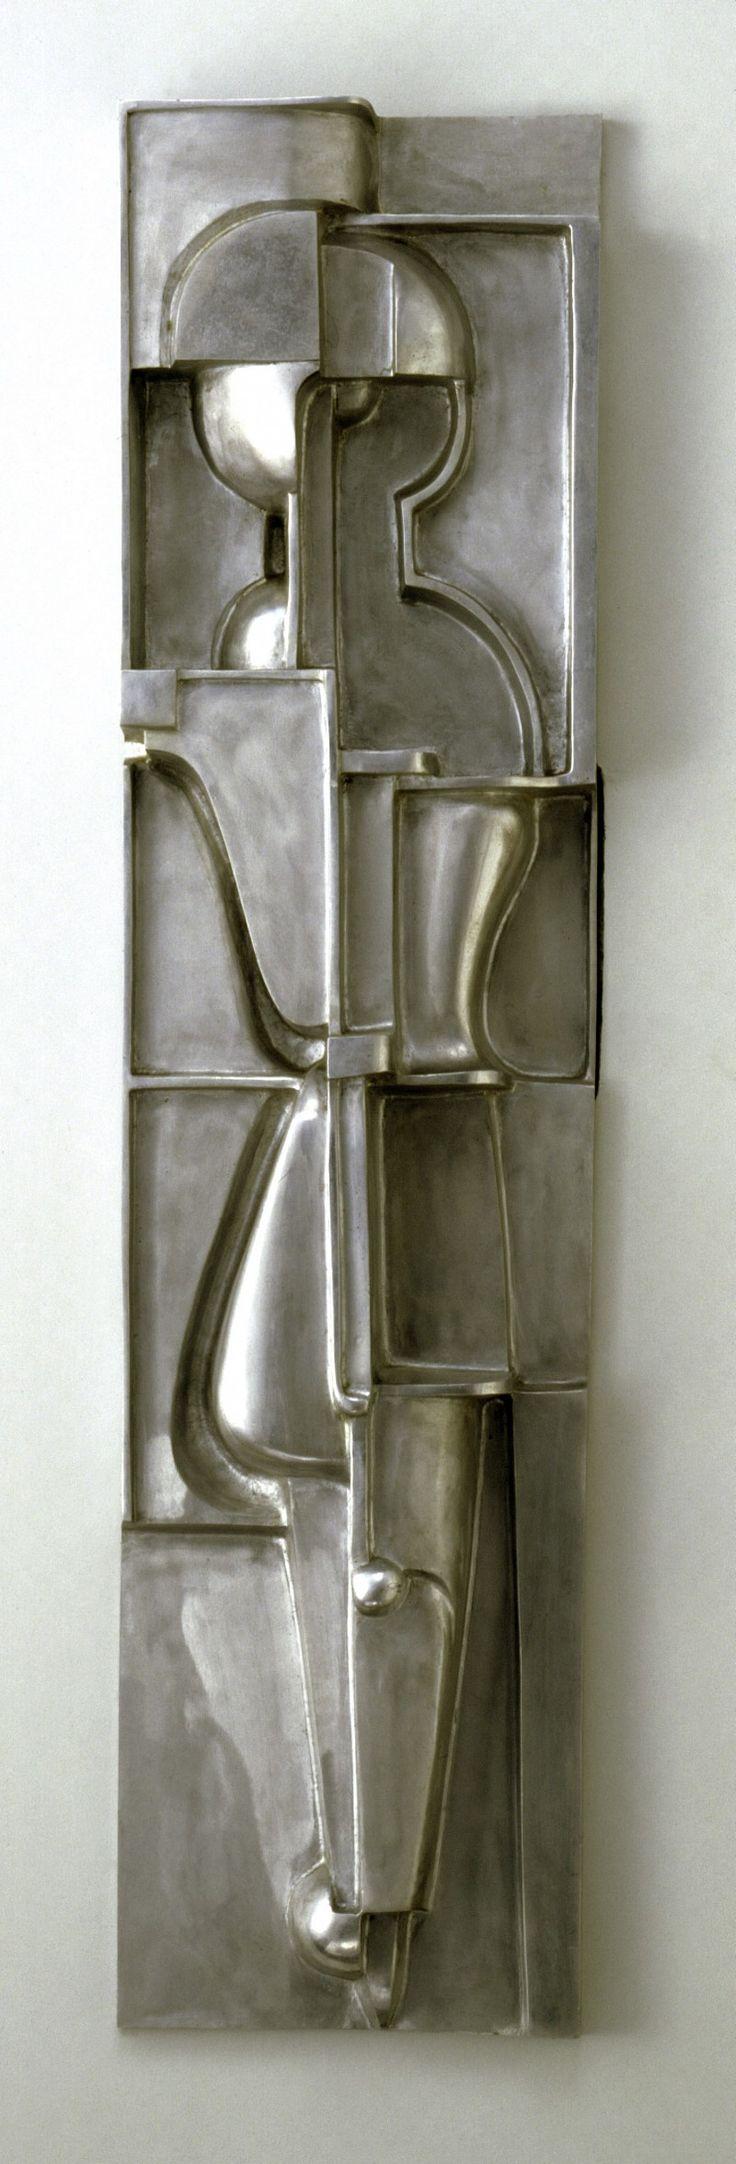 """Oskar Schlemmer, """"Architectural sculpture R"""", 1919 / Bauhaus-Archiv Berlin, photo: Gunter Lepkowski"""